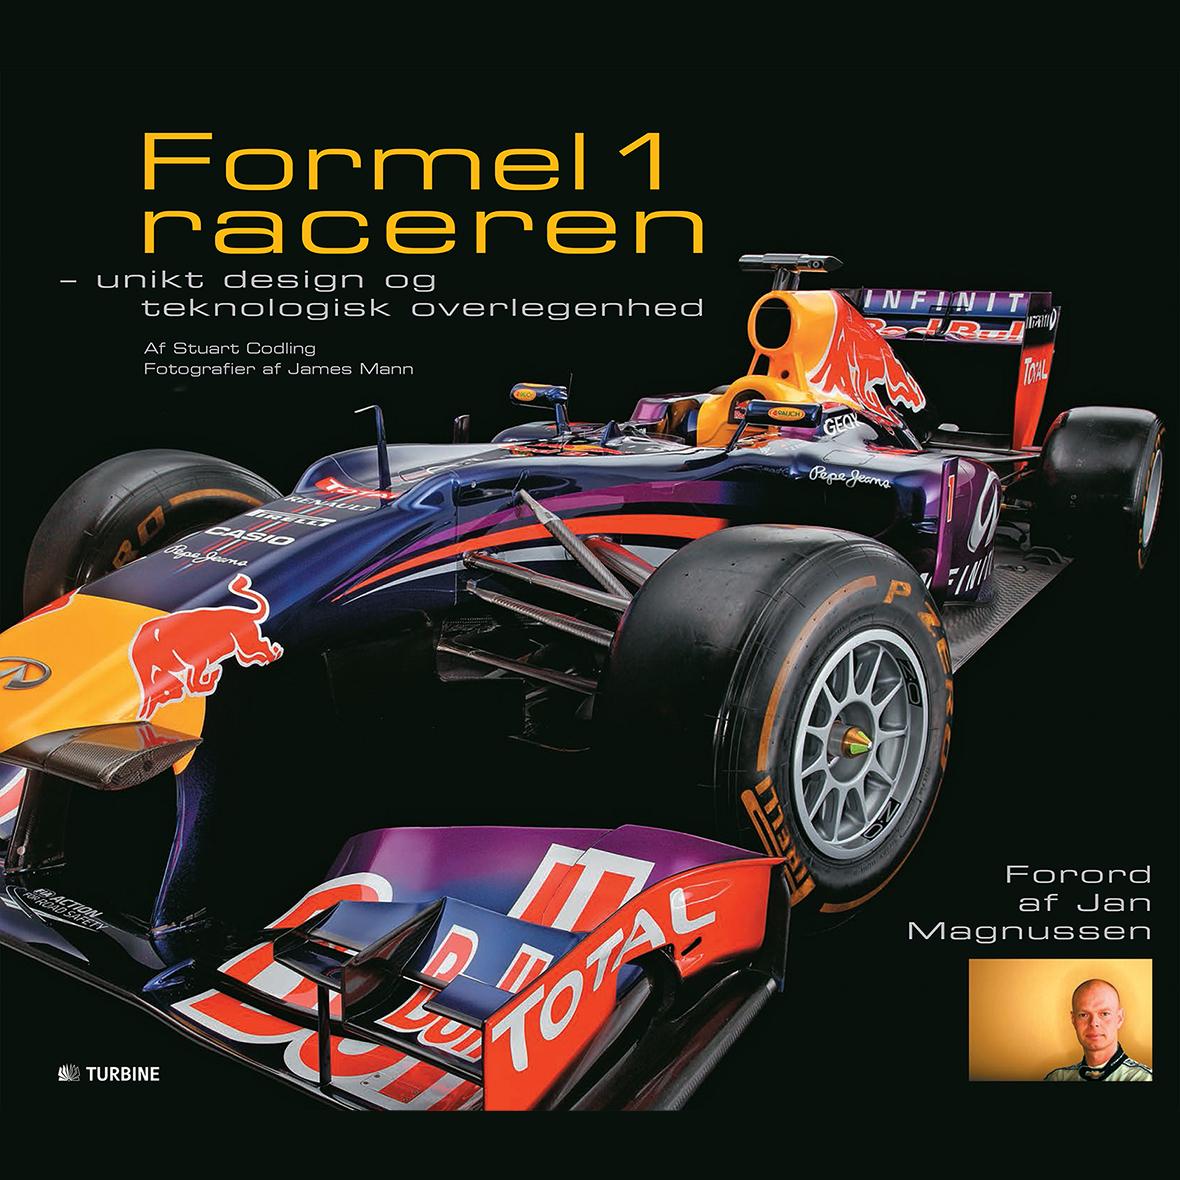 Formel 1 raceren